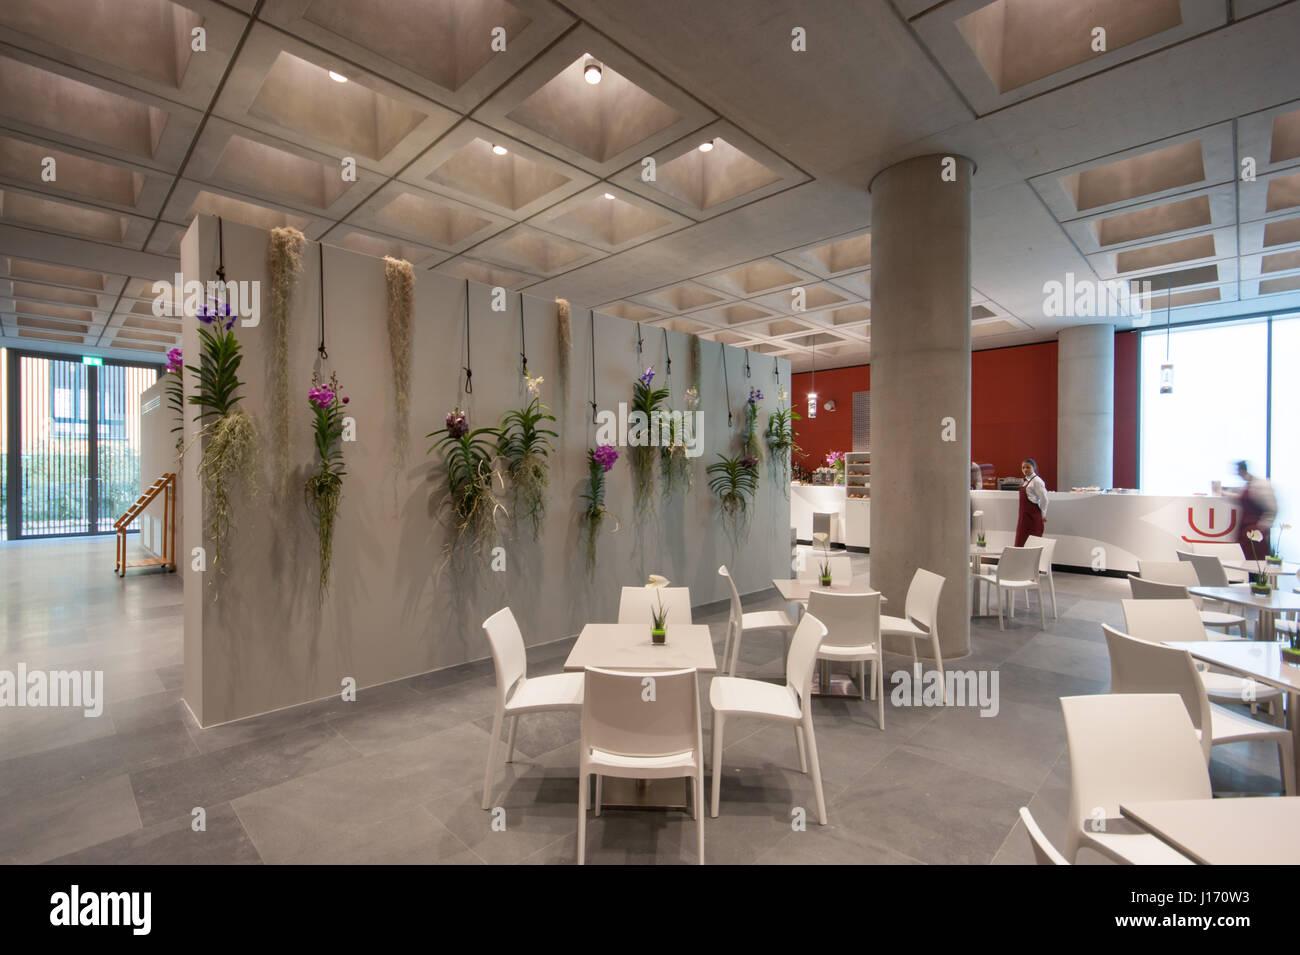 MUDEC ? Museum der Kulturen in Mailand, entworfen von David Chipperfield Architects - Café - Innenansicht Stockbild